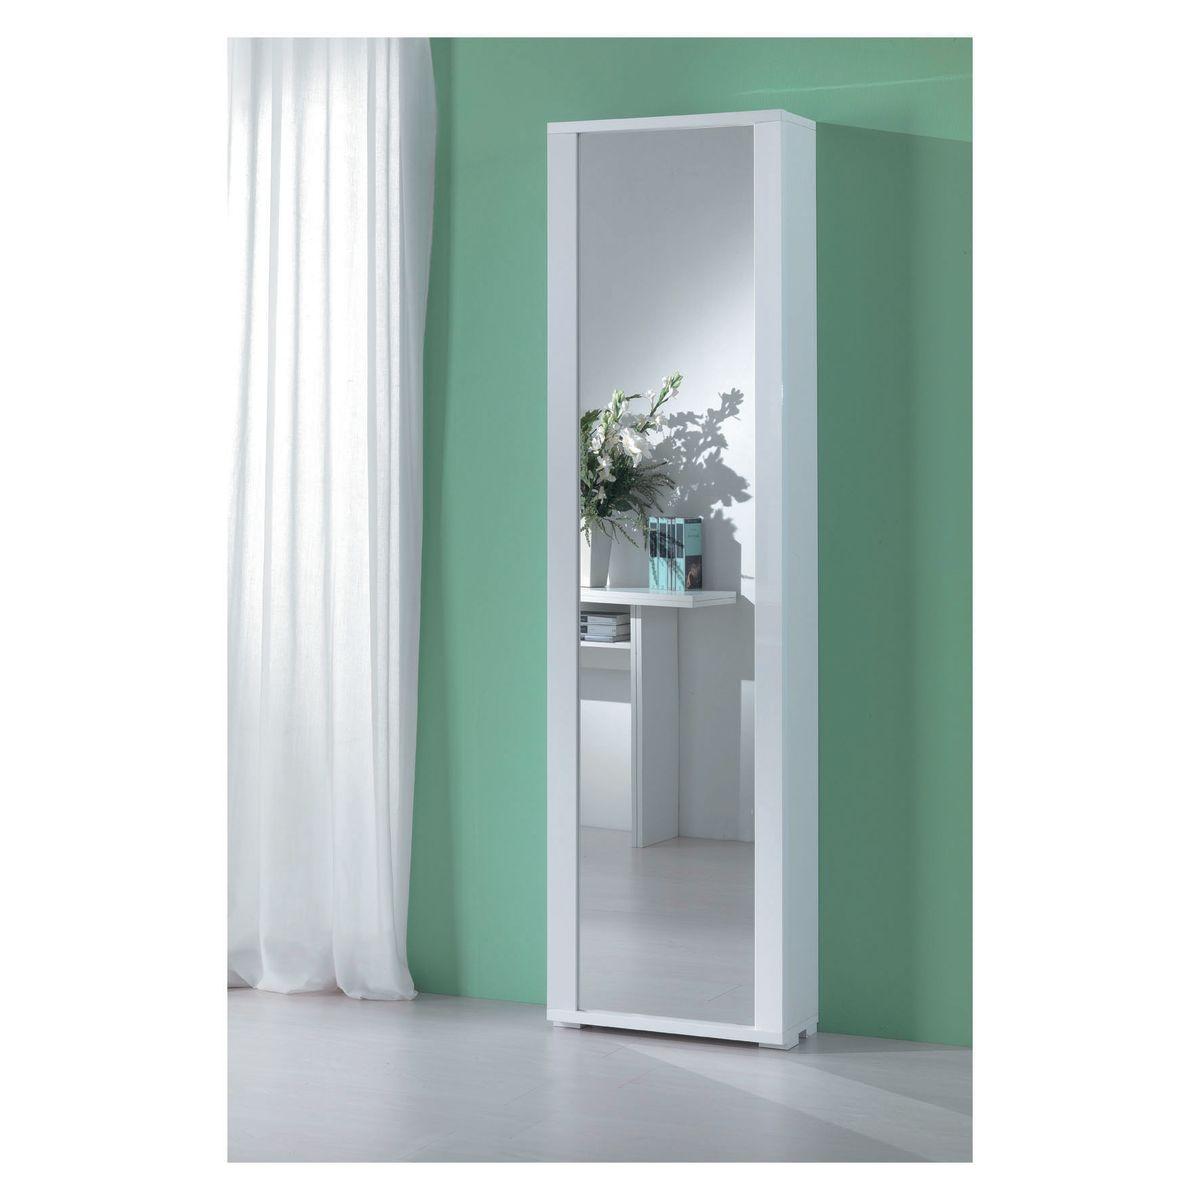 Scarpiera 1 anta a battente specchio bianco prezzi e for Scarpiera specchio leroy merlin